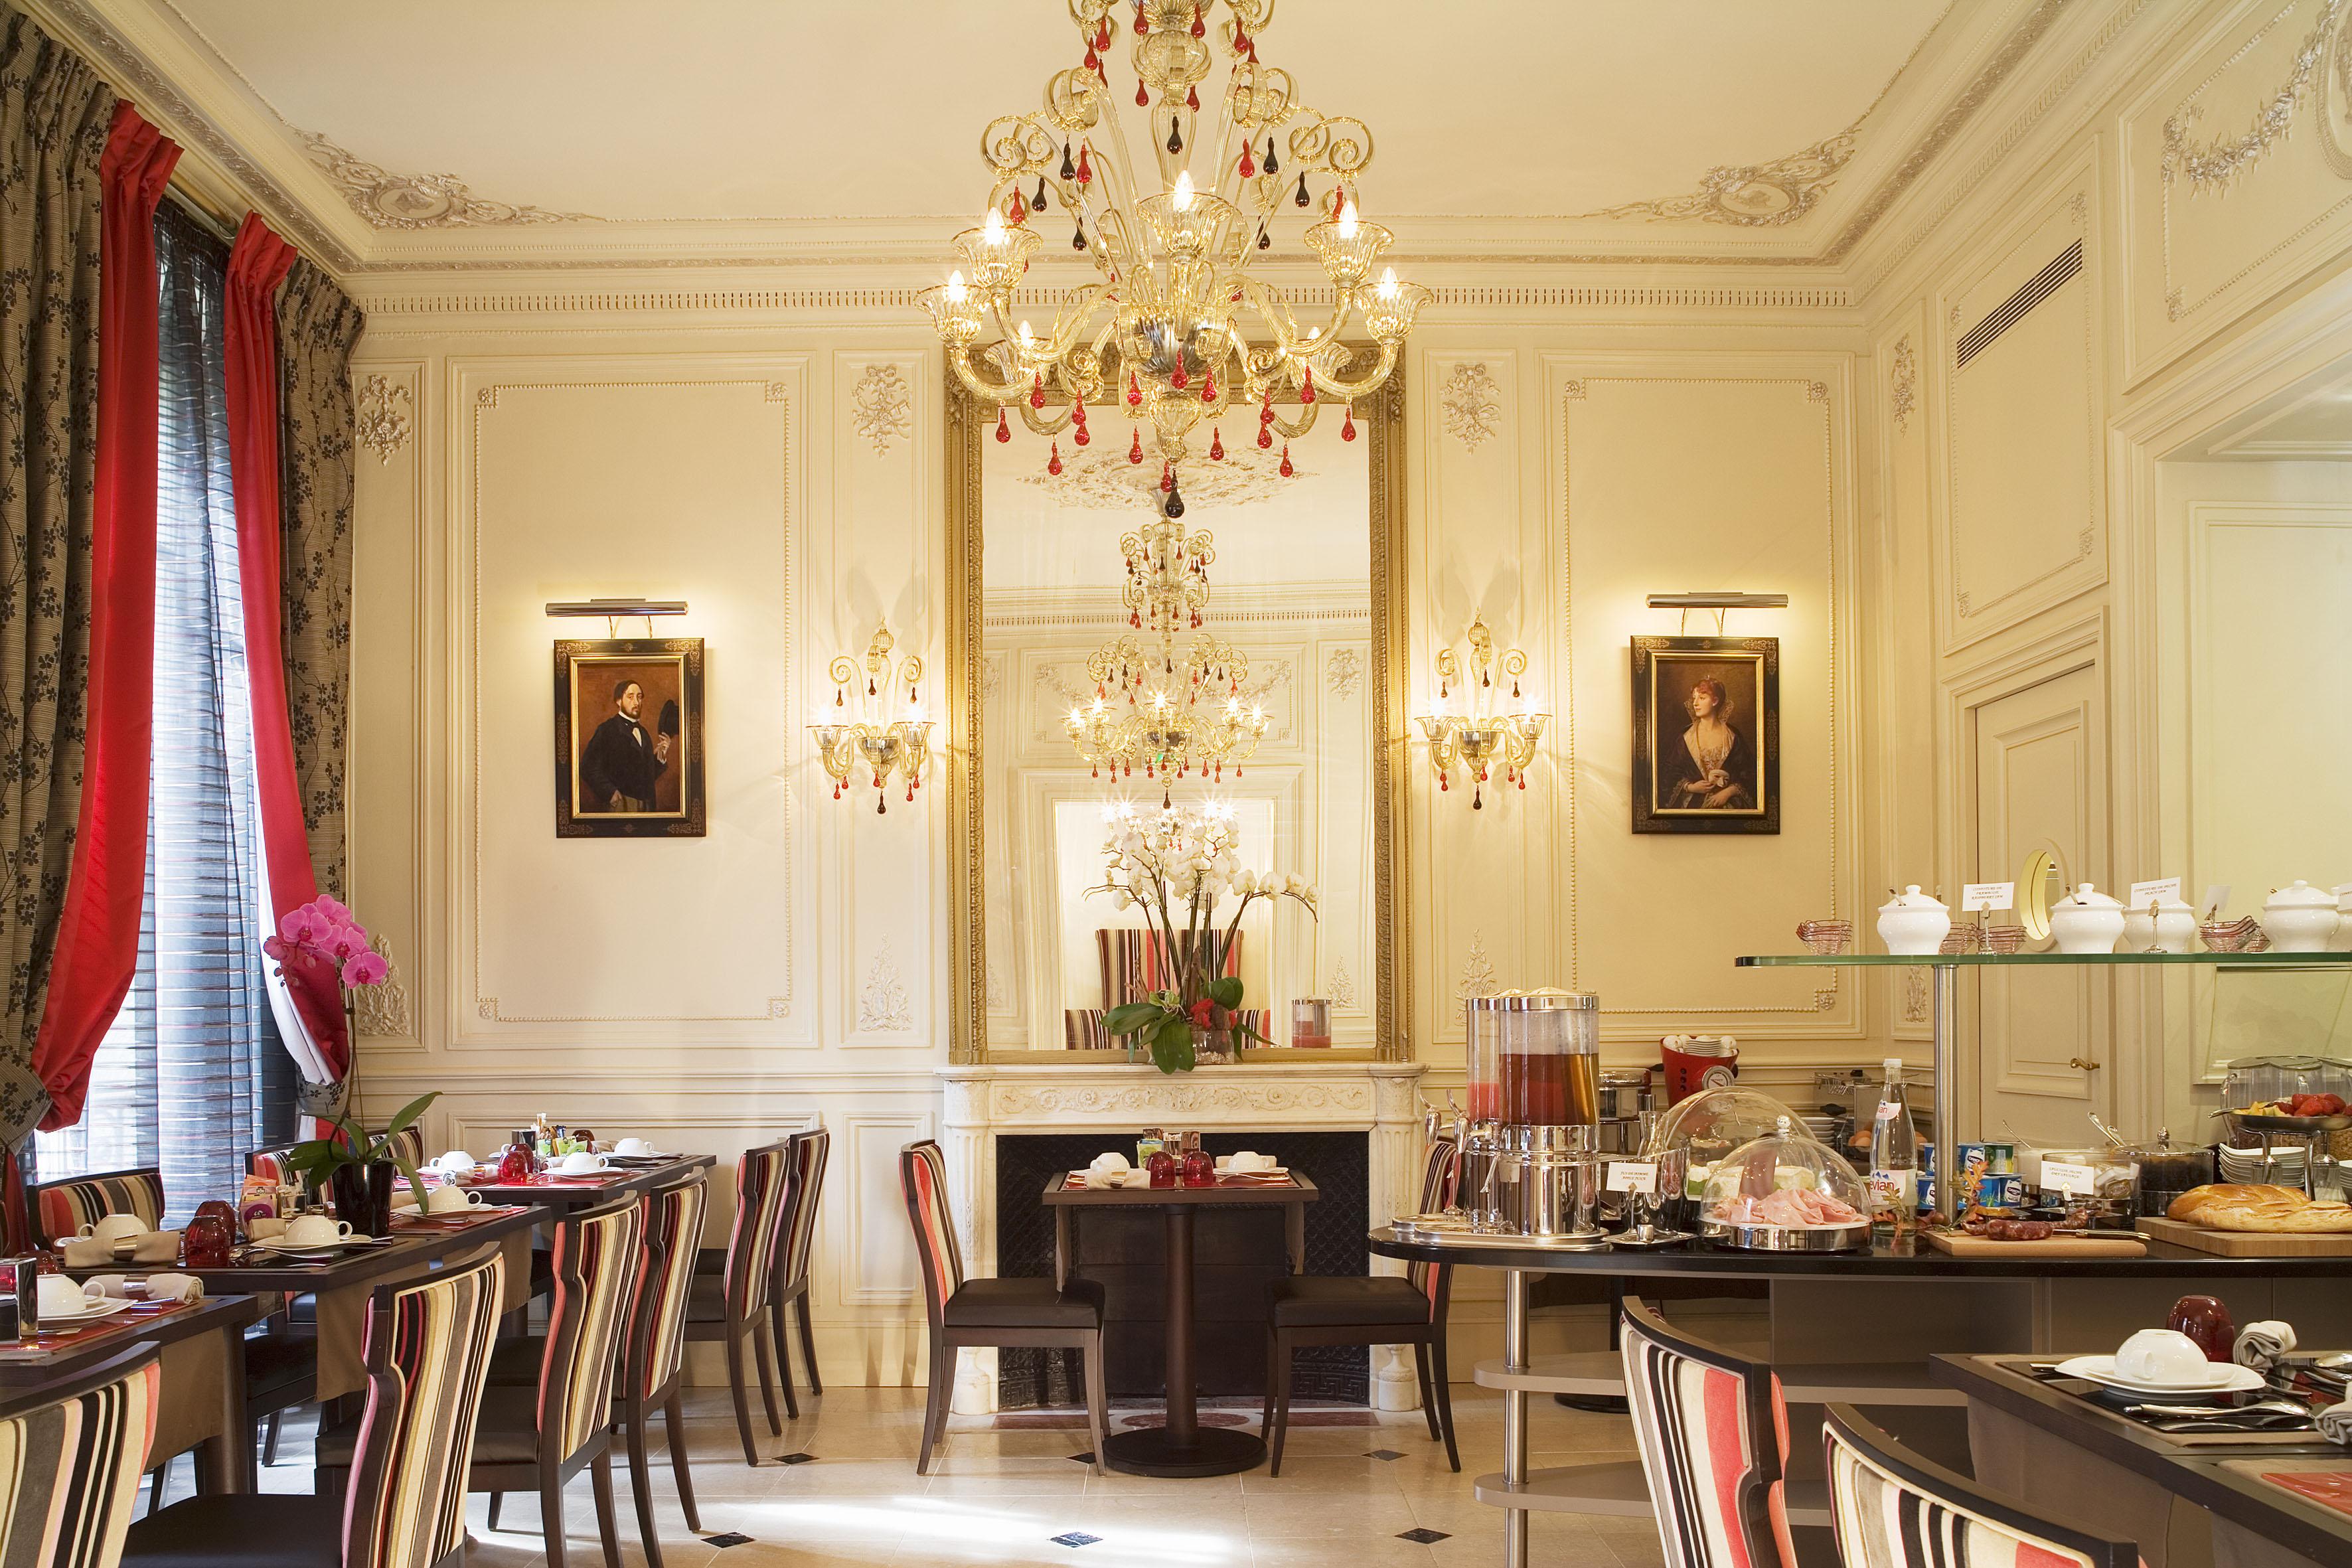 regents-garden-hotel-veronese-1